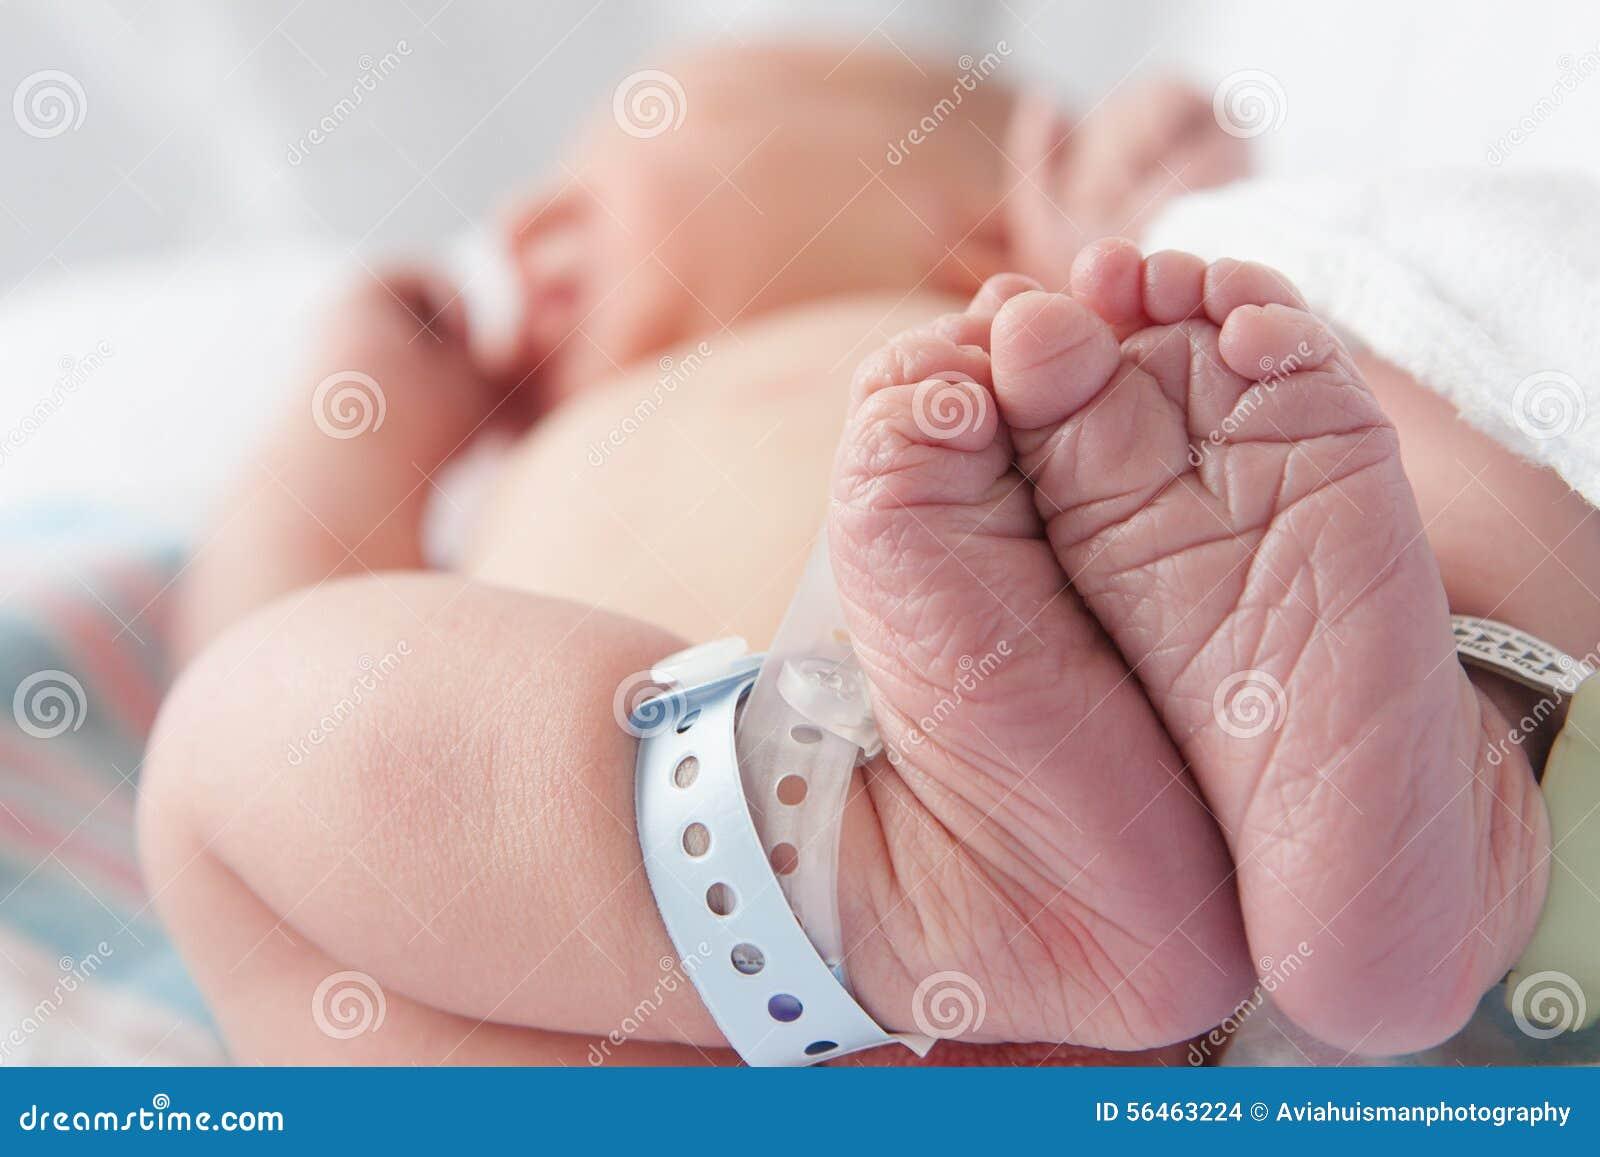 Pieds nouveau-nés